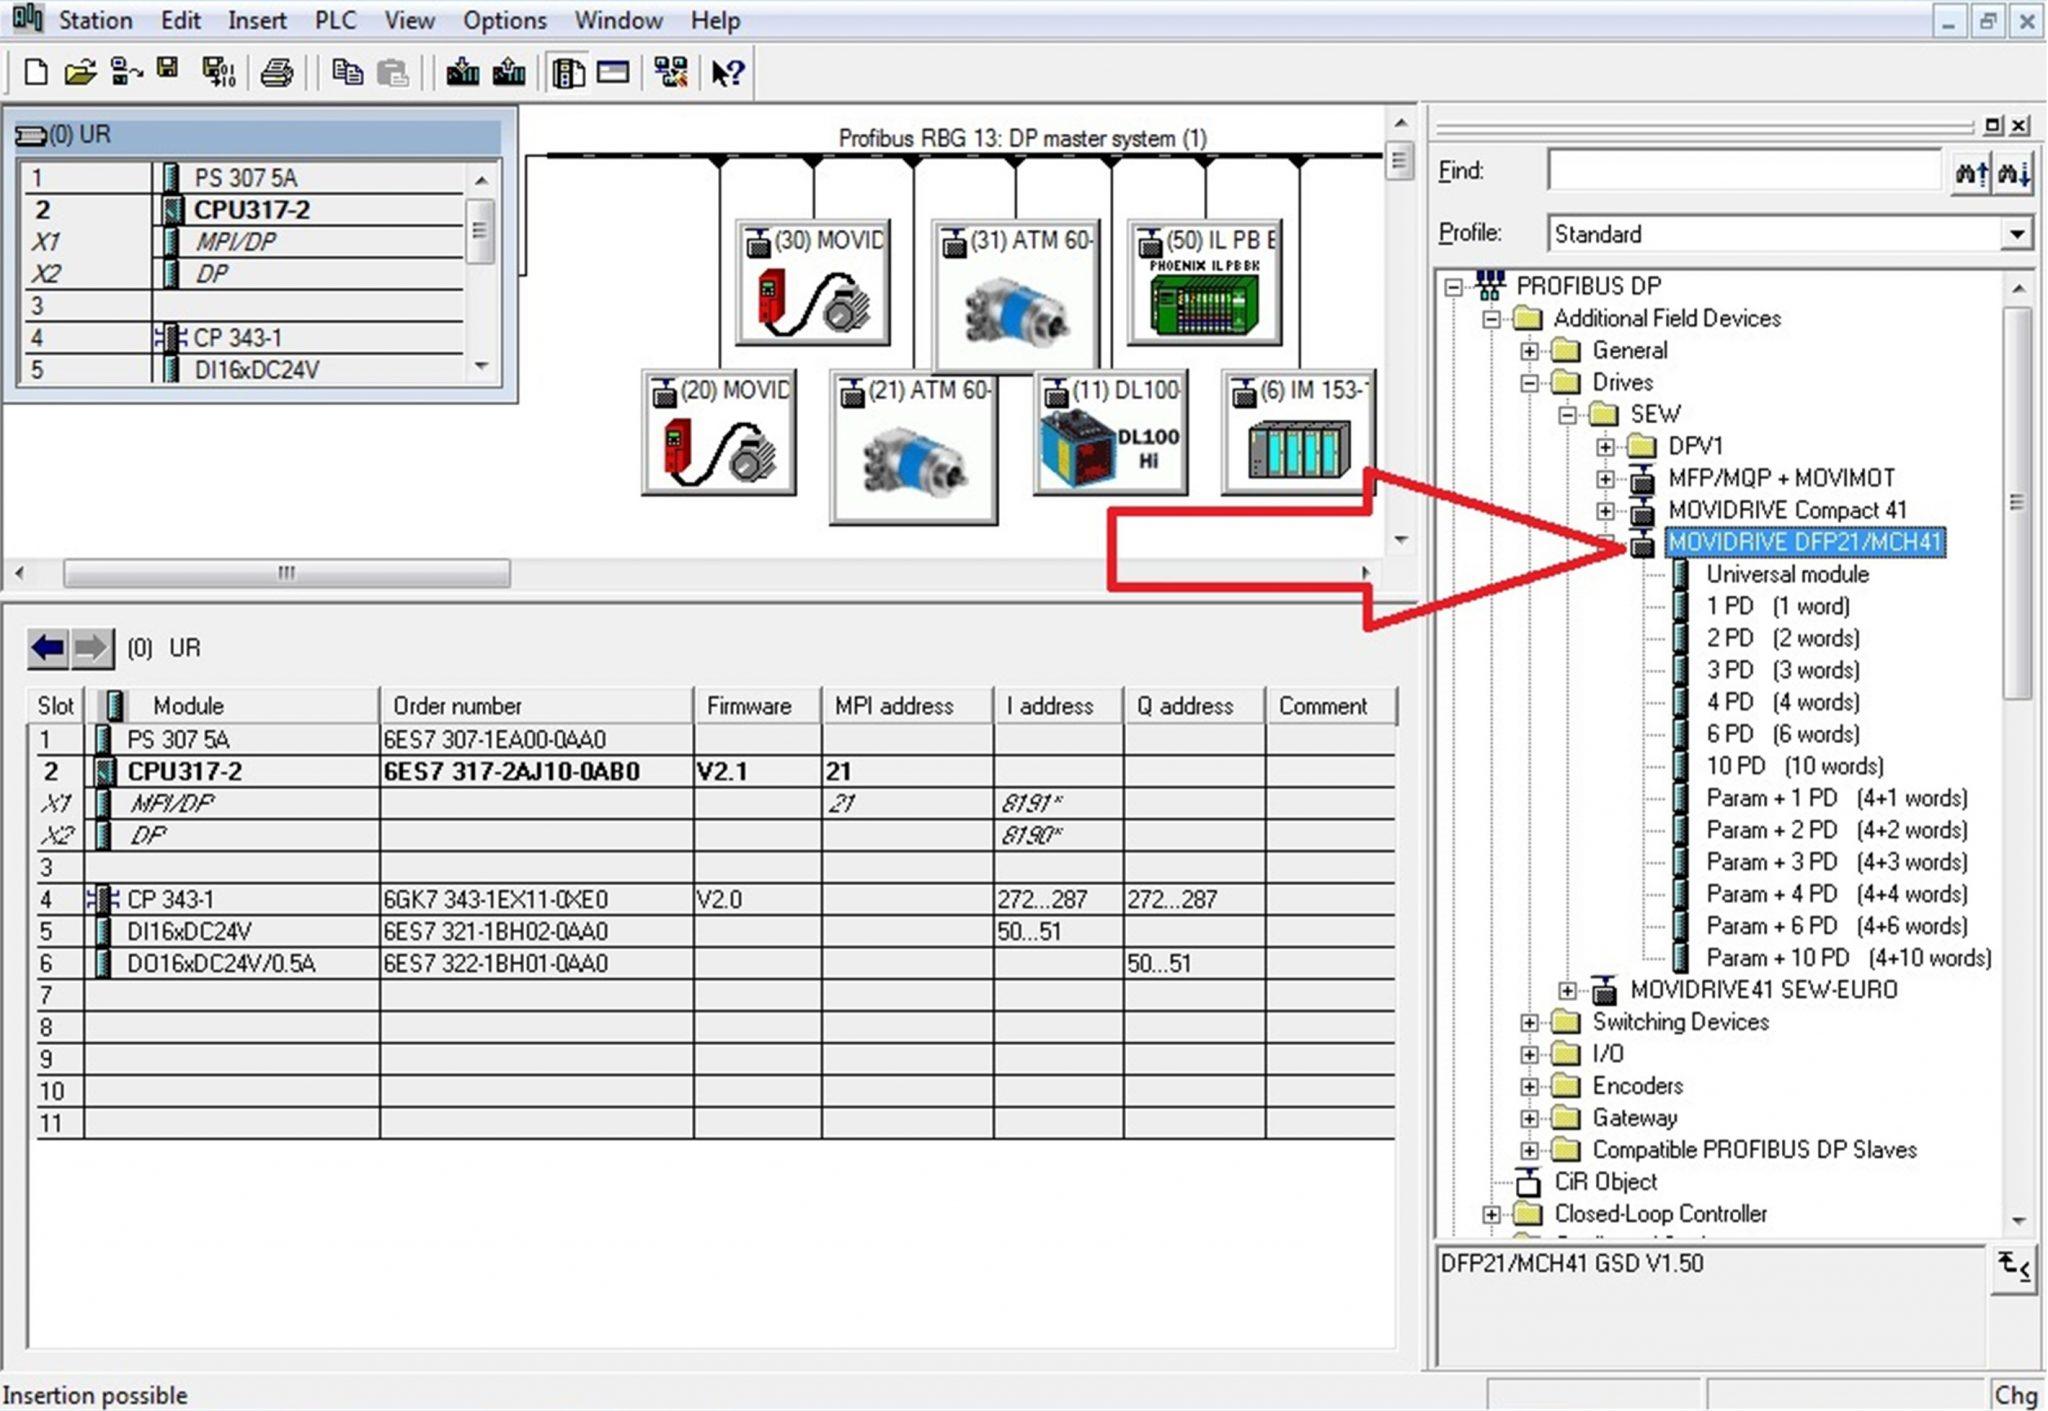 Zdjęcie 3.0 Nowy plik GSD dla falownika MDX61A